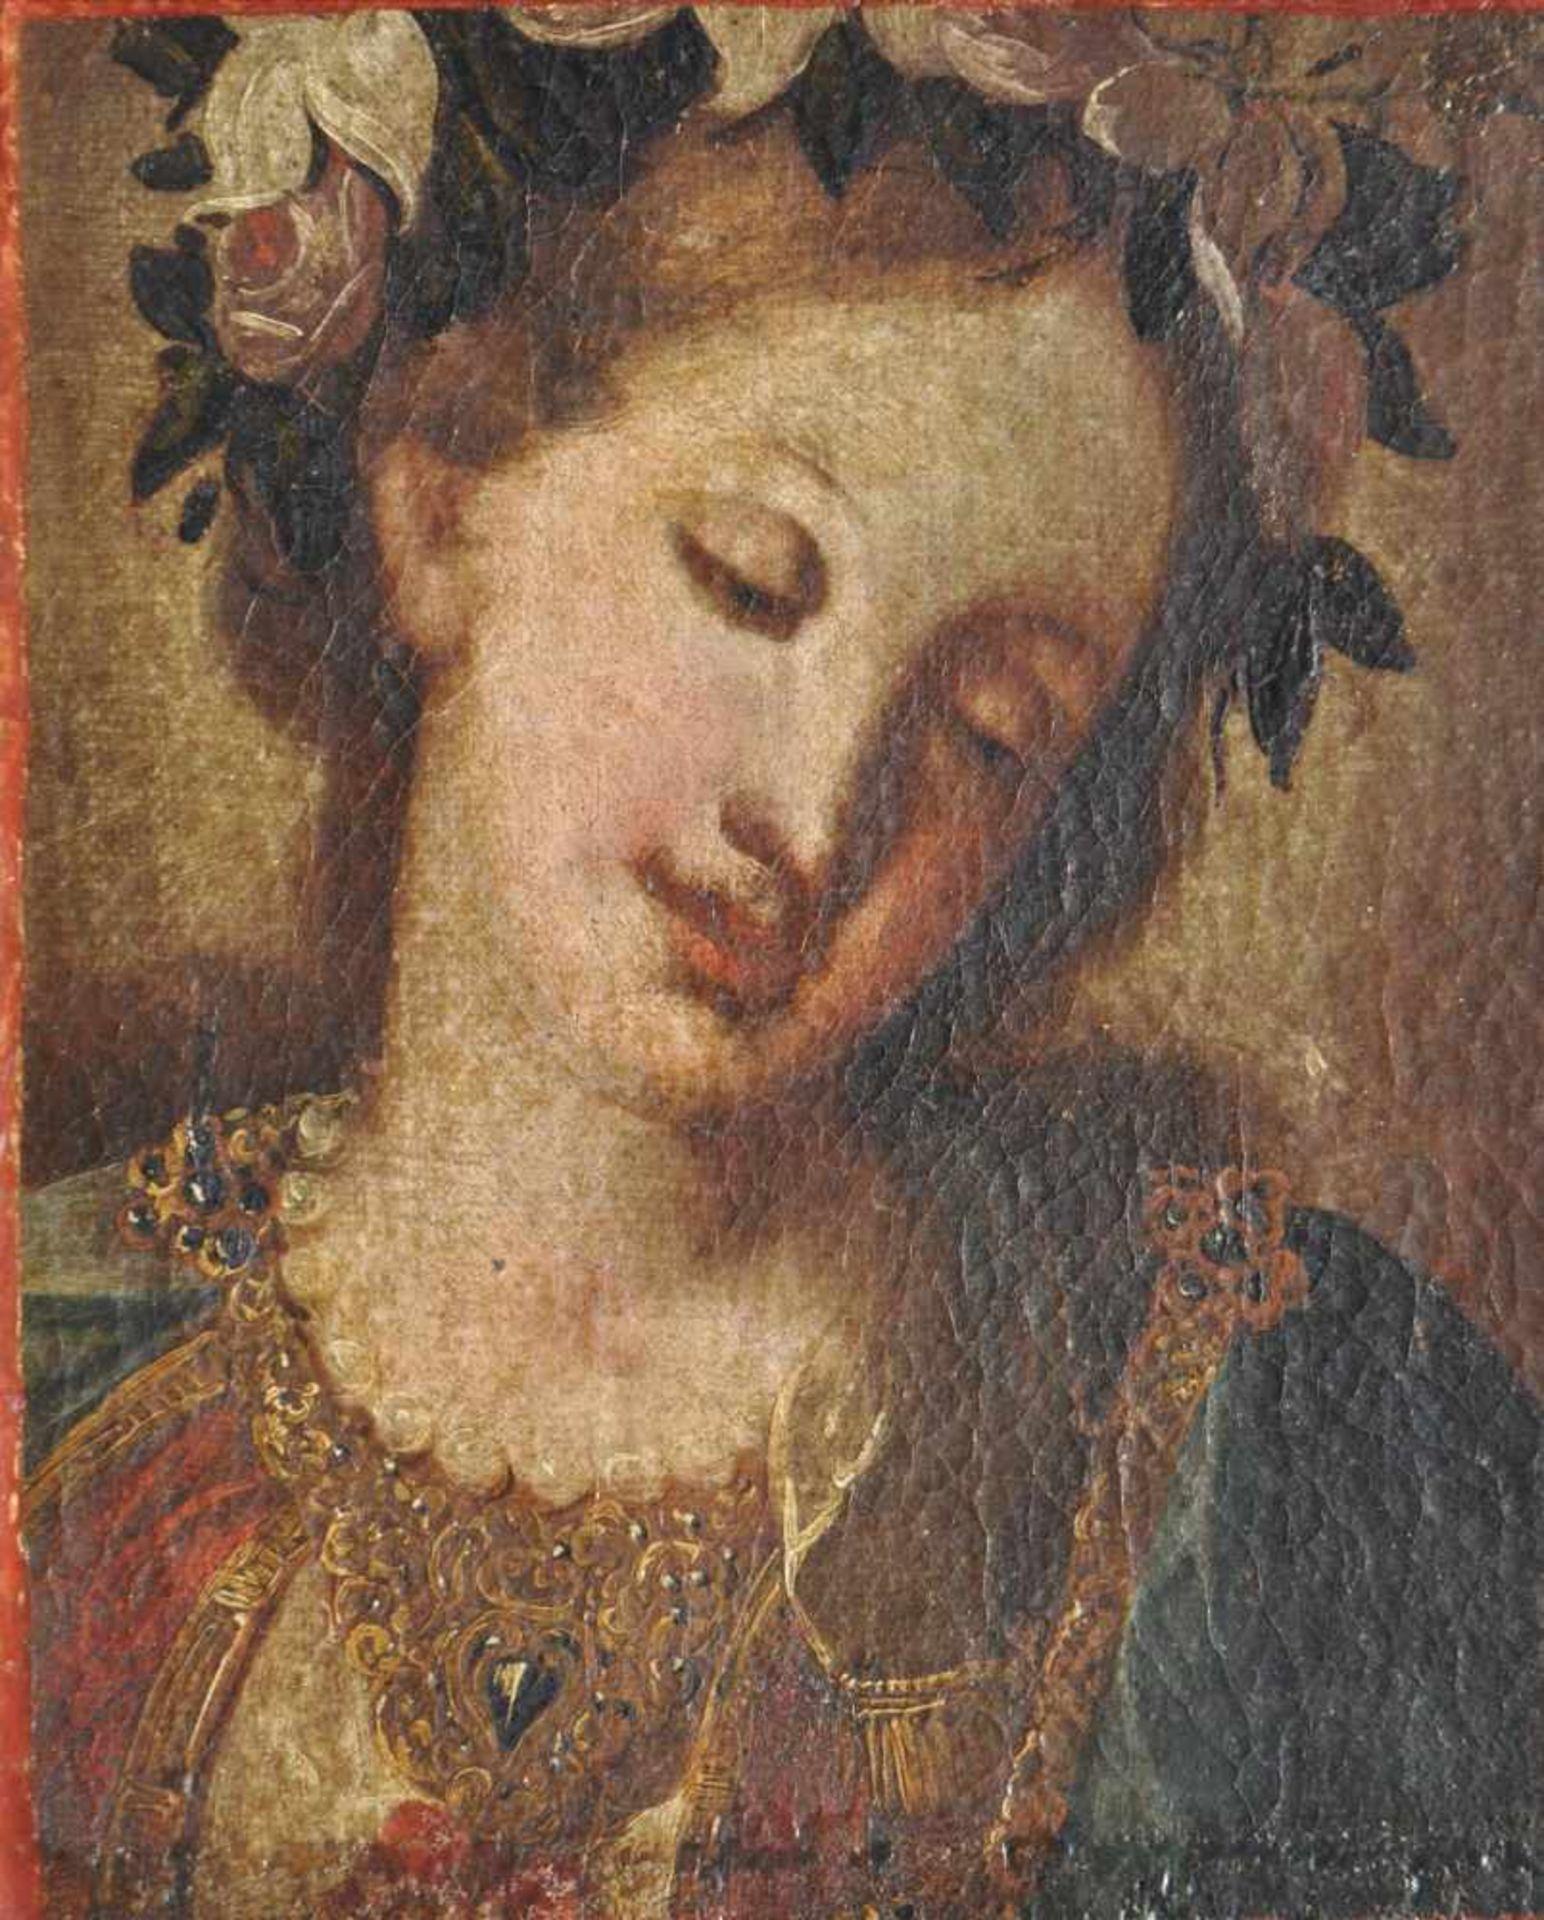 Maler des 18. Jh. /Pittore del XVIII secolo